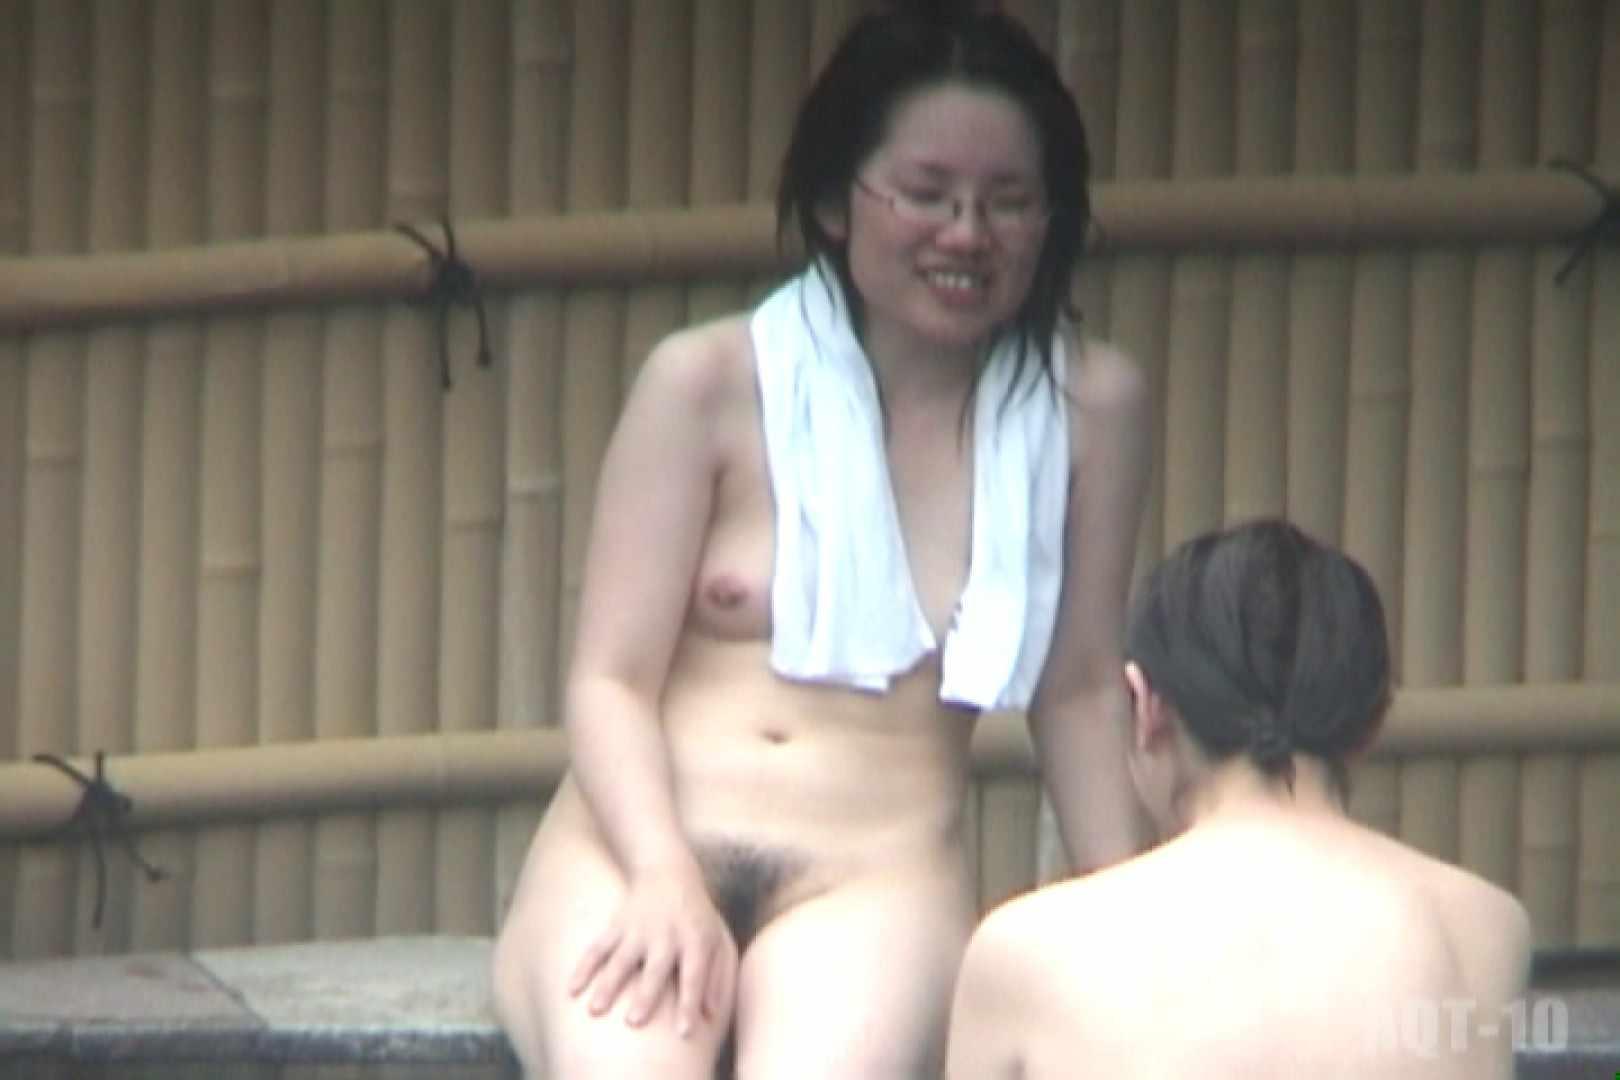 Aquaな露天風呂Vol.796 盗撮  51PICs 6